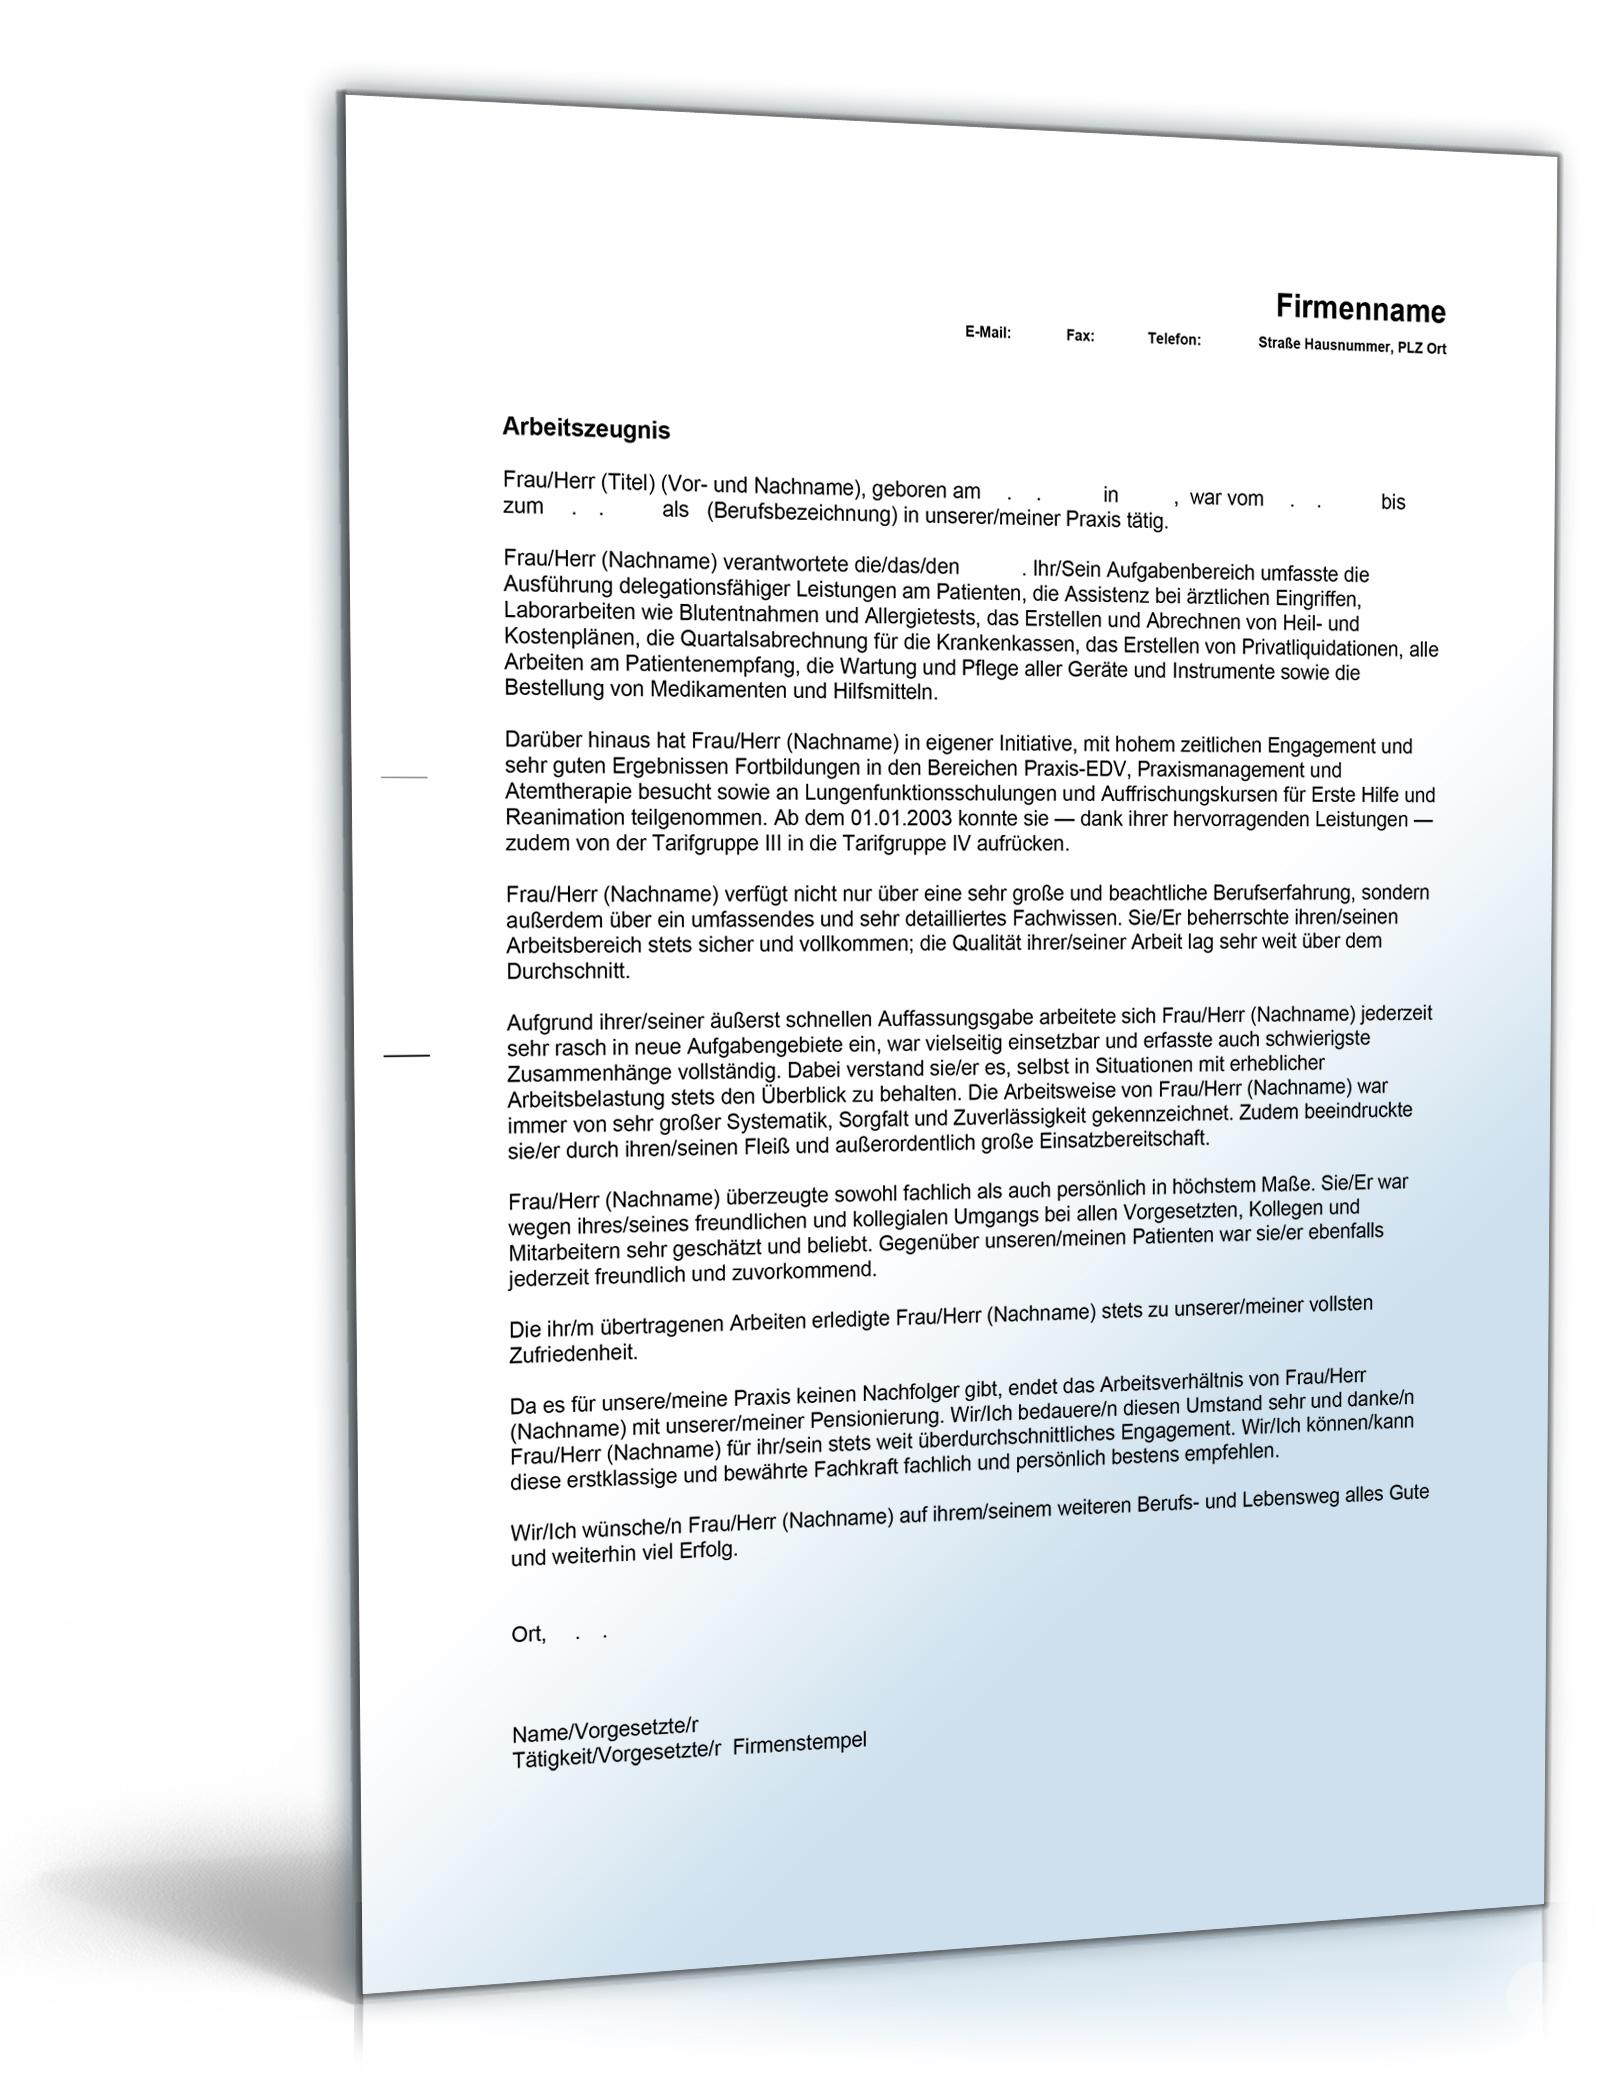 arbeitszeugnis medizinische fachkraft note eins word dokument amazonde software - Arbeitszeugnis Schreiben Muster